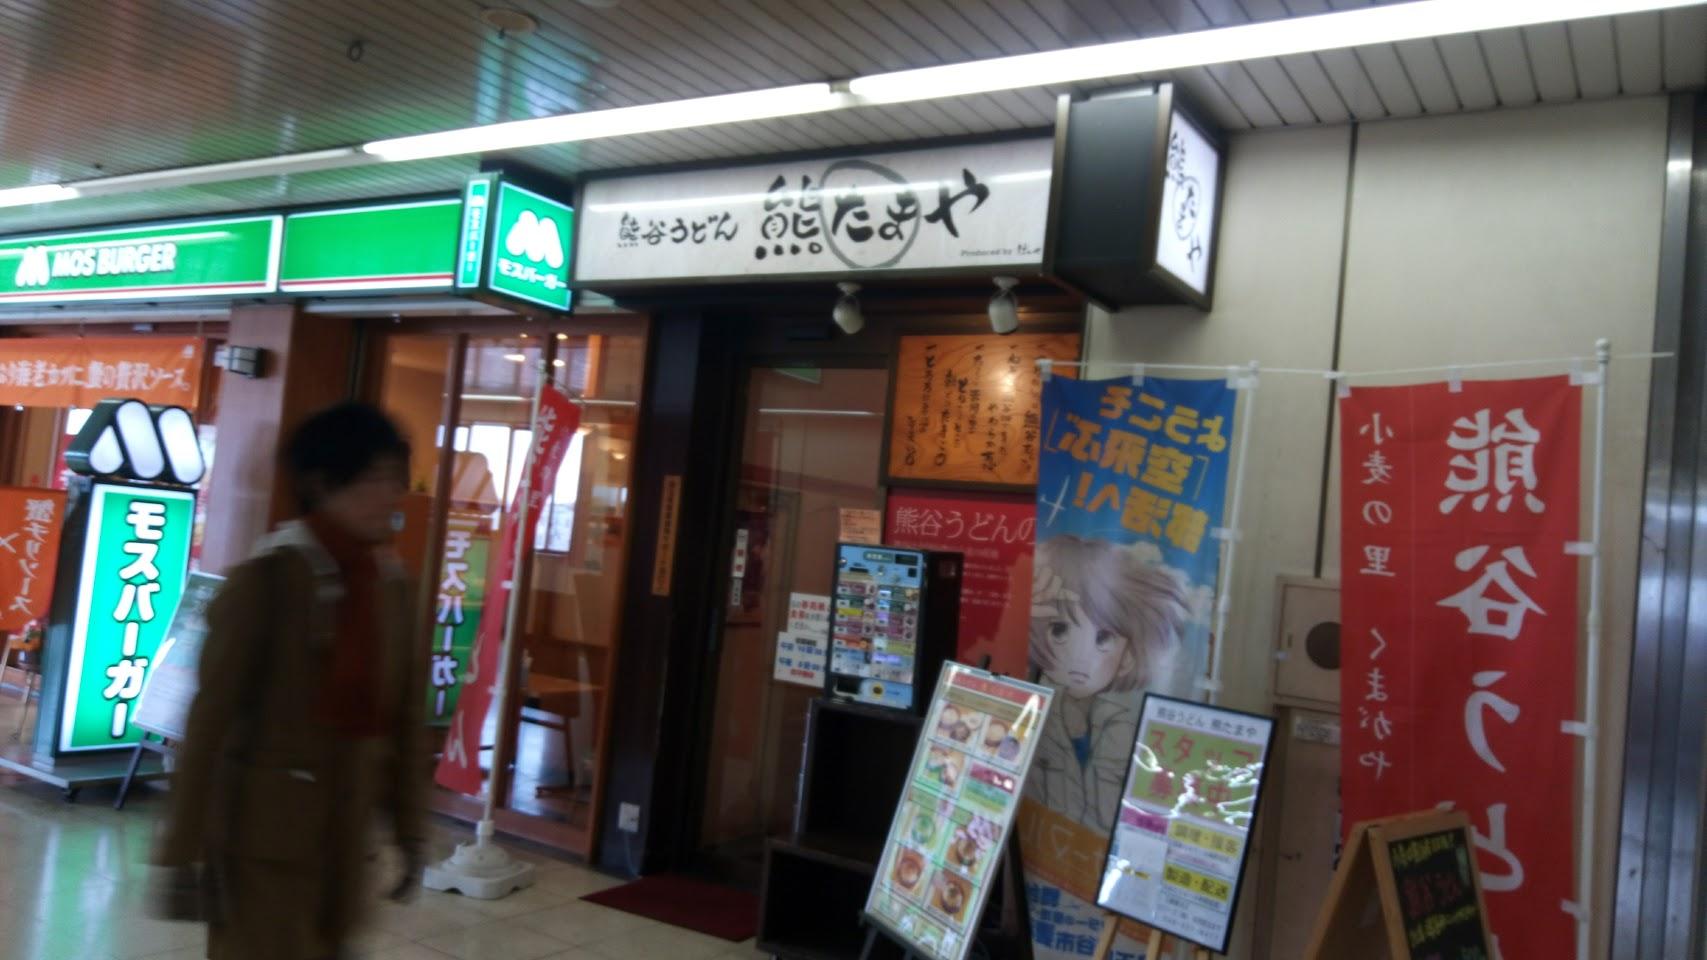 【おいしい熊谷のうどん】熊たまや 肉汁うどん550円+卵かけご飯200円 熊谷駅直結で便利。